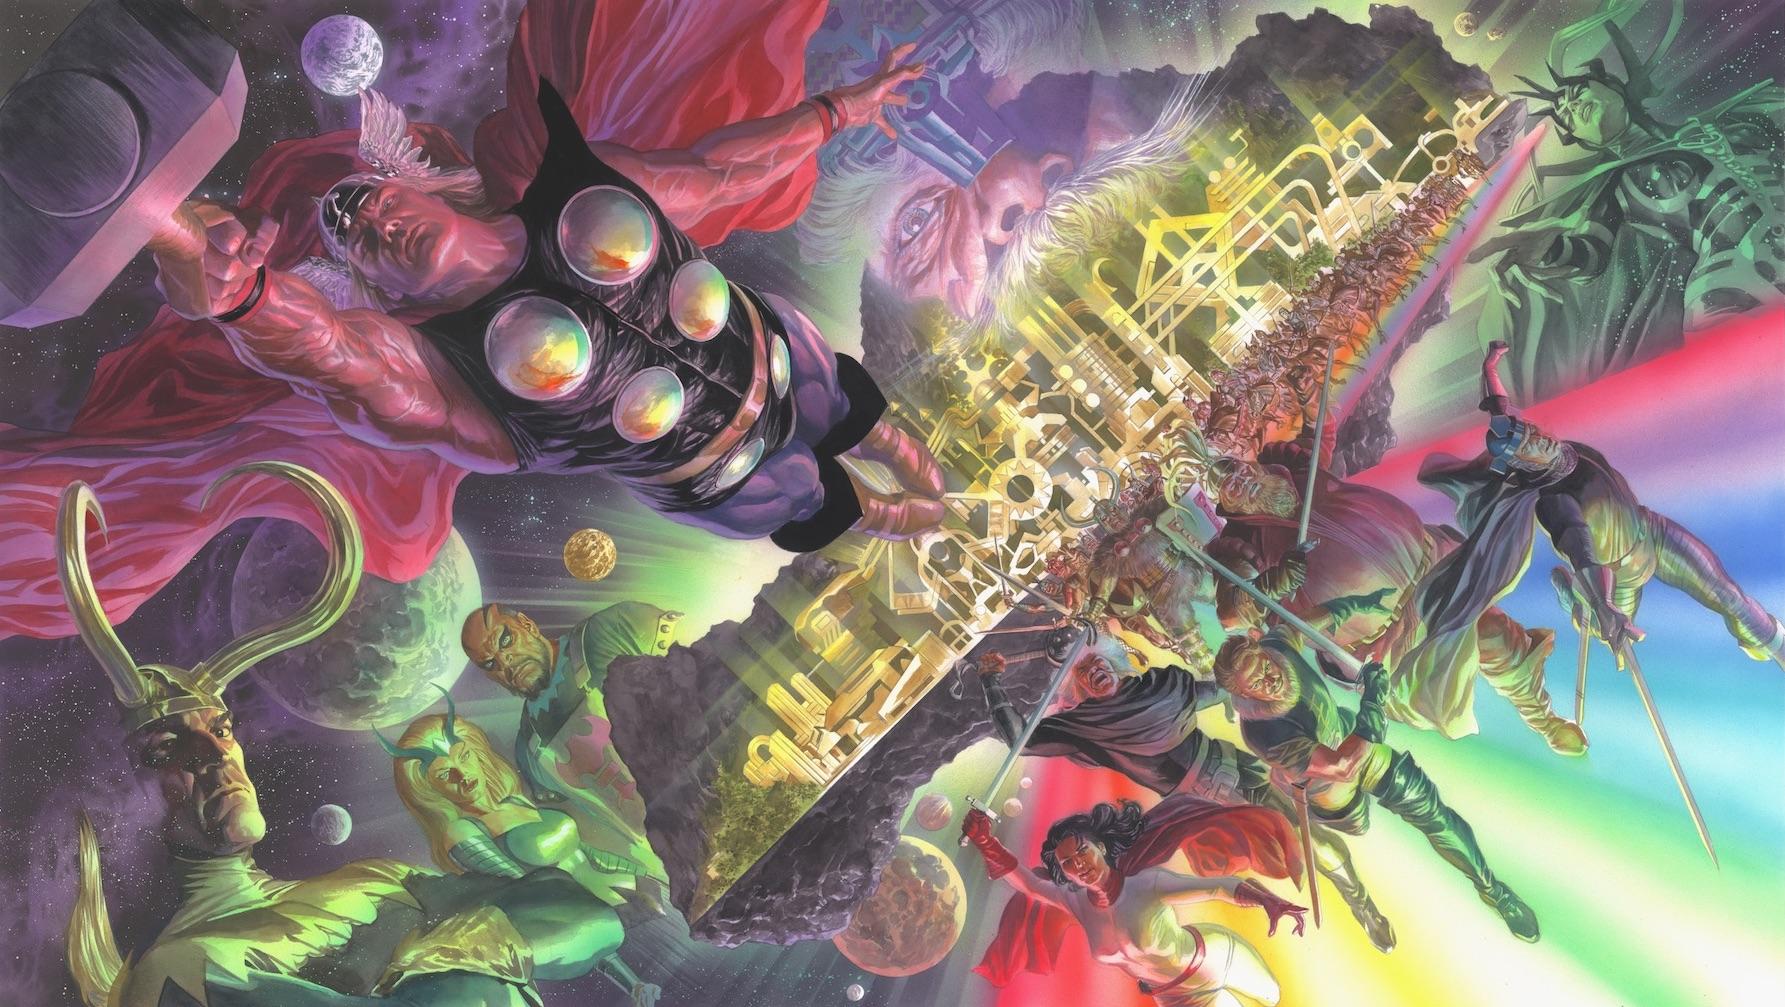 Thor_Tales_of_Asgard_small.jpeg